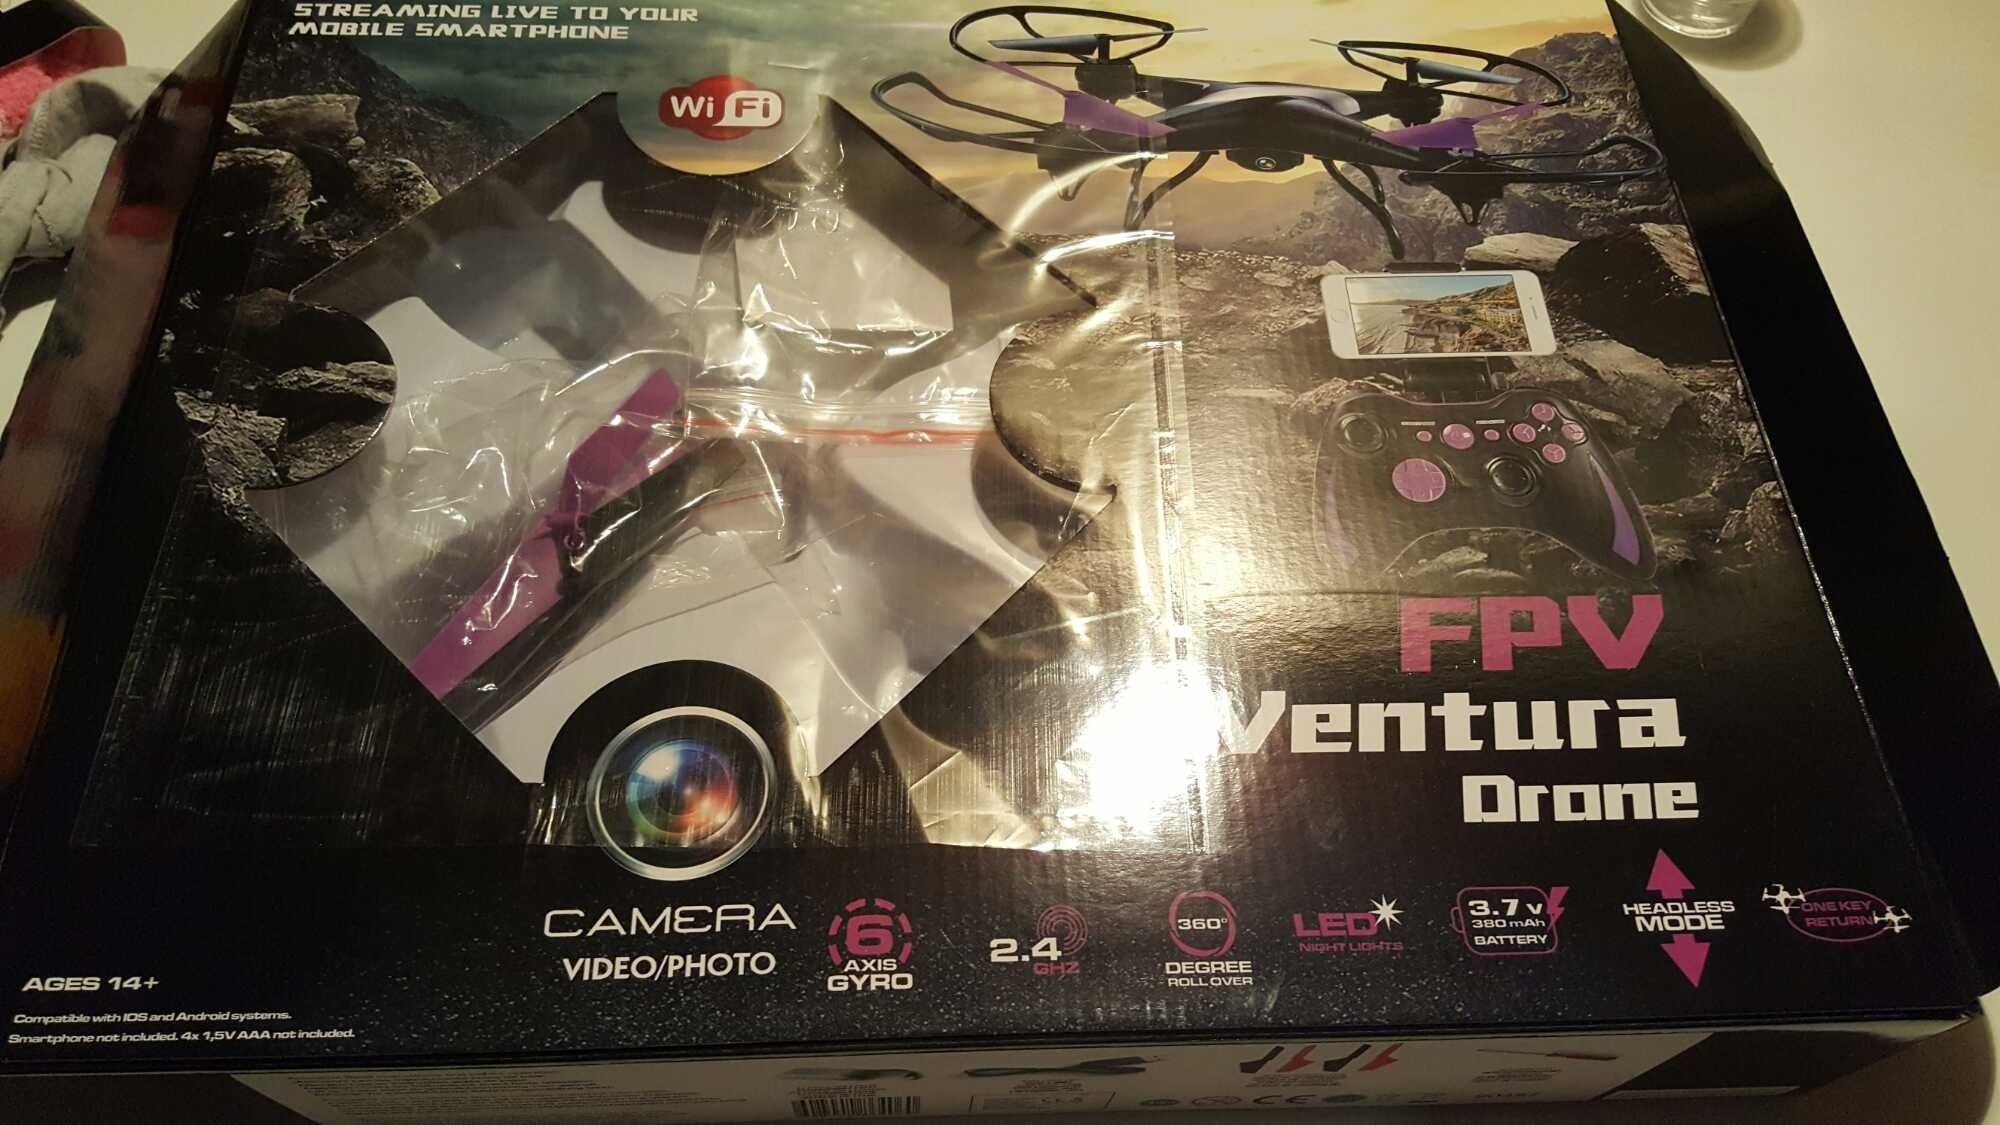 Ventura Drone - FPV